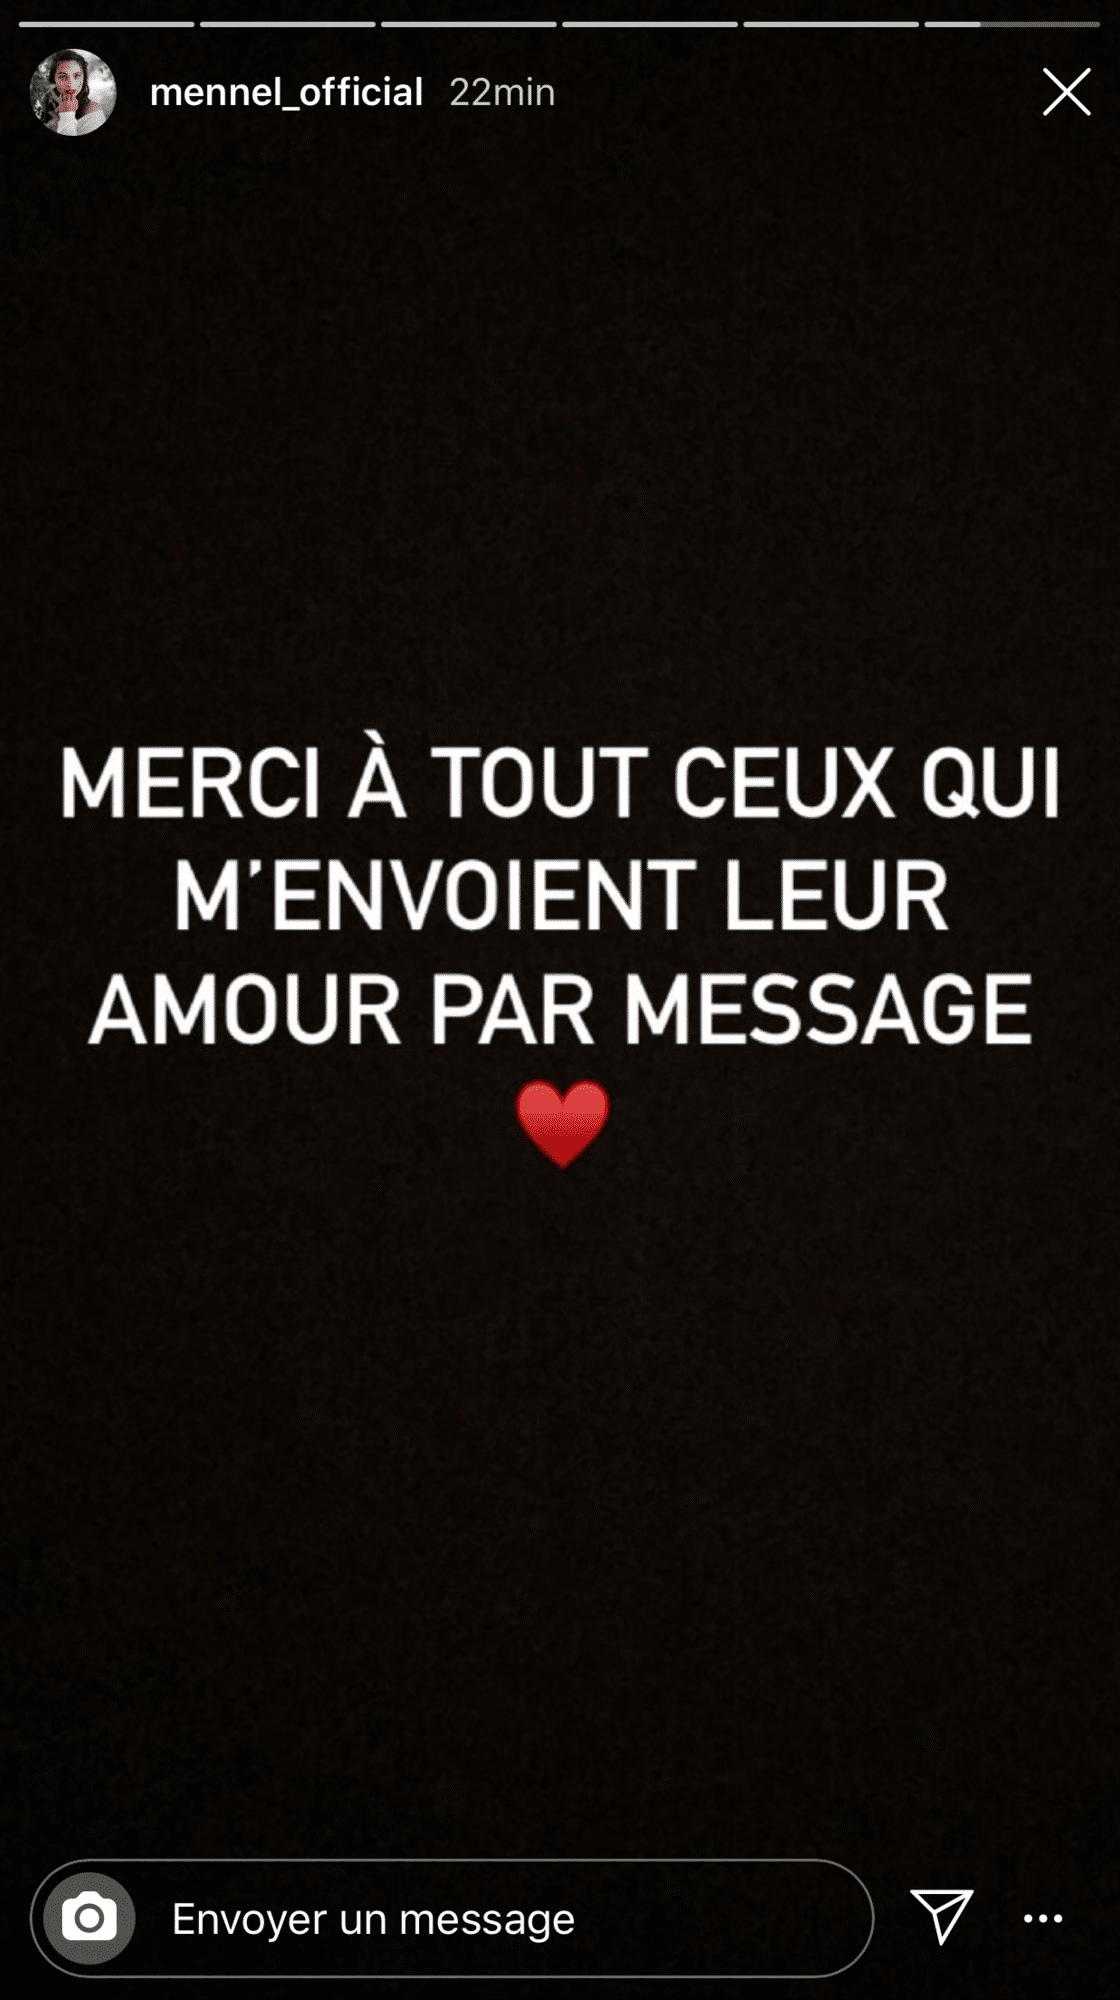 remerciement Mennel Ibtissem instagram